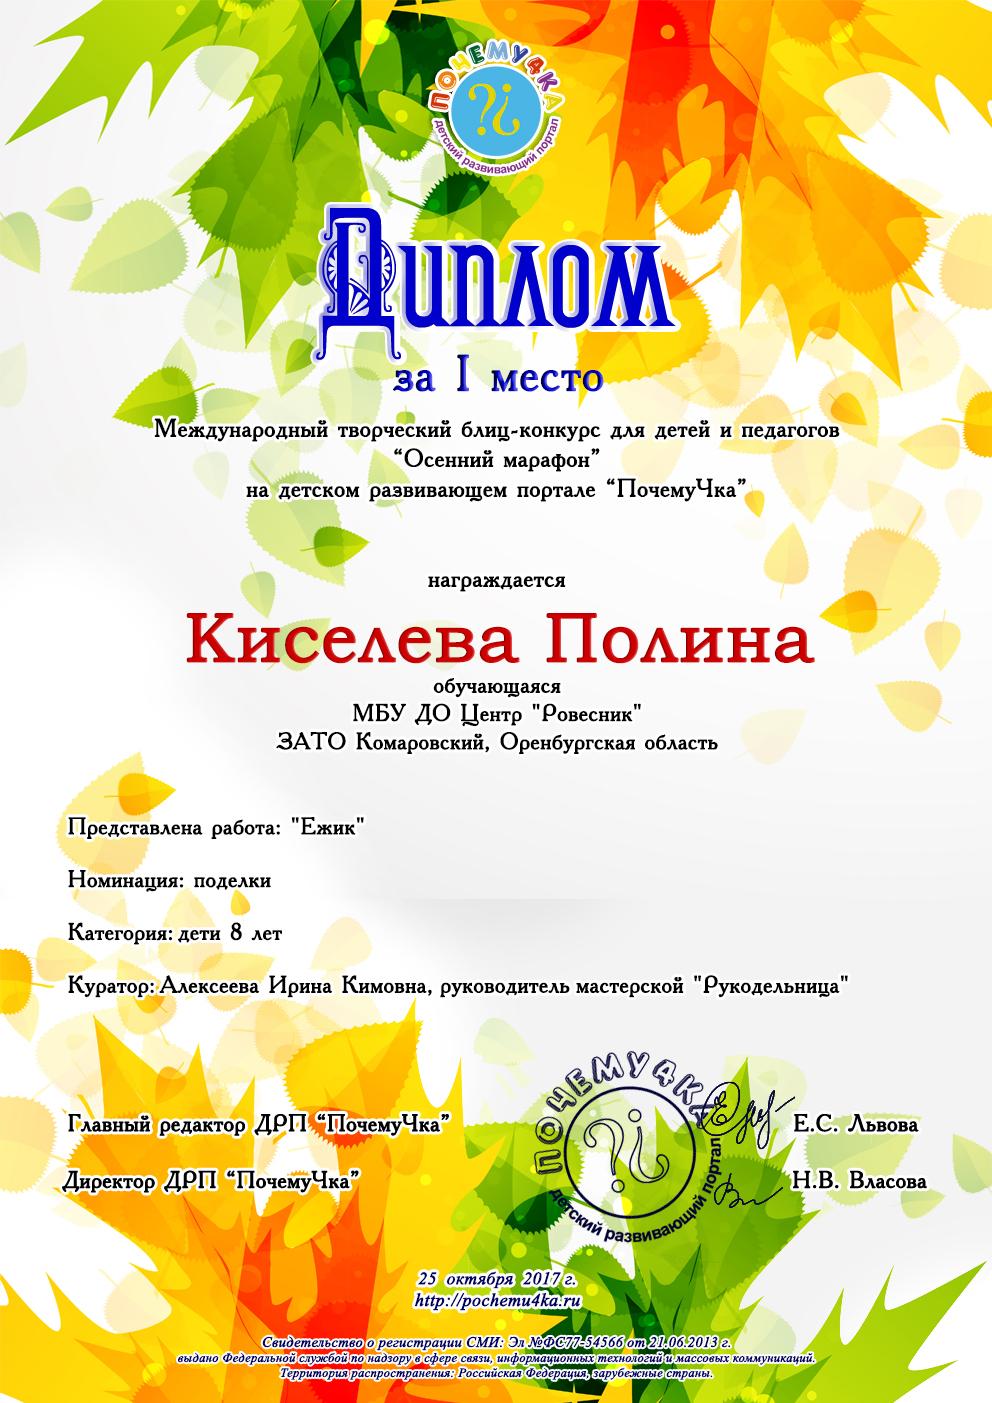 Киселева Полина